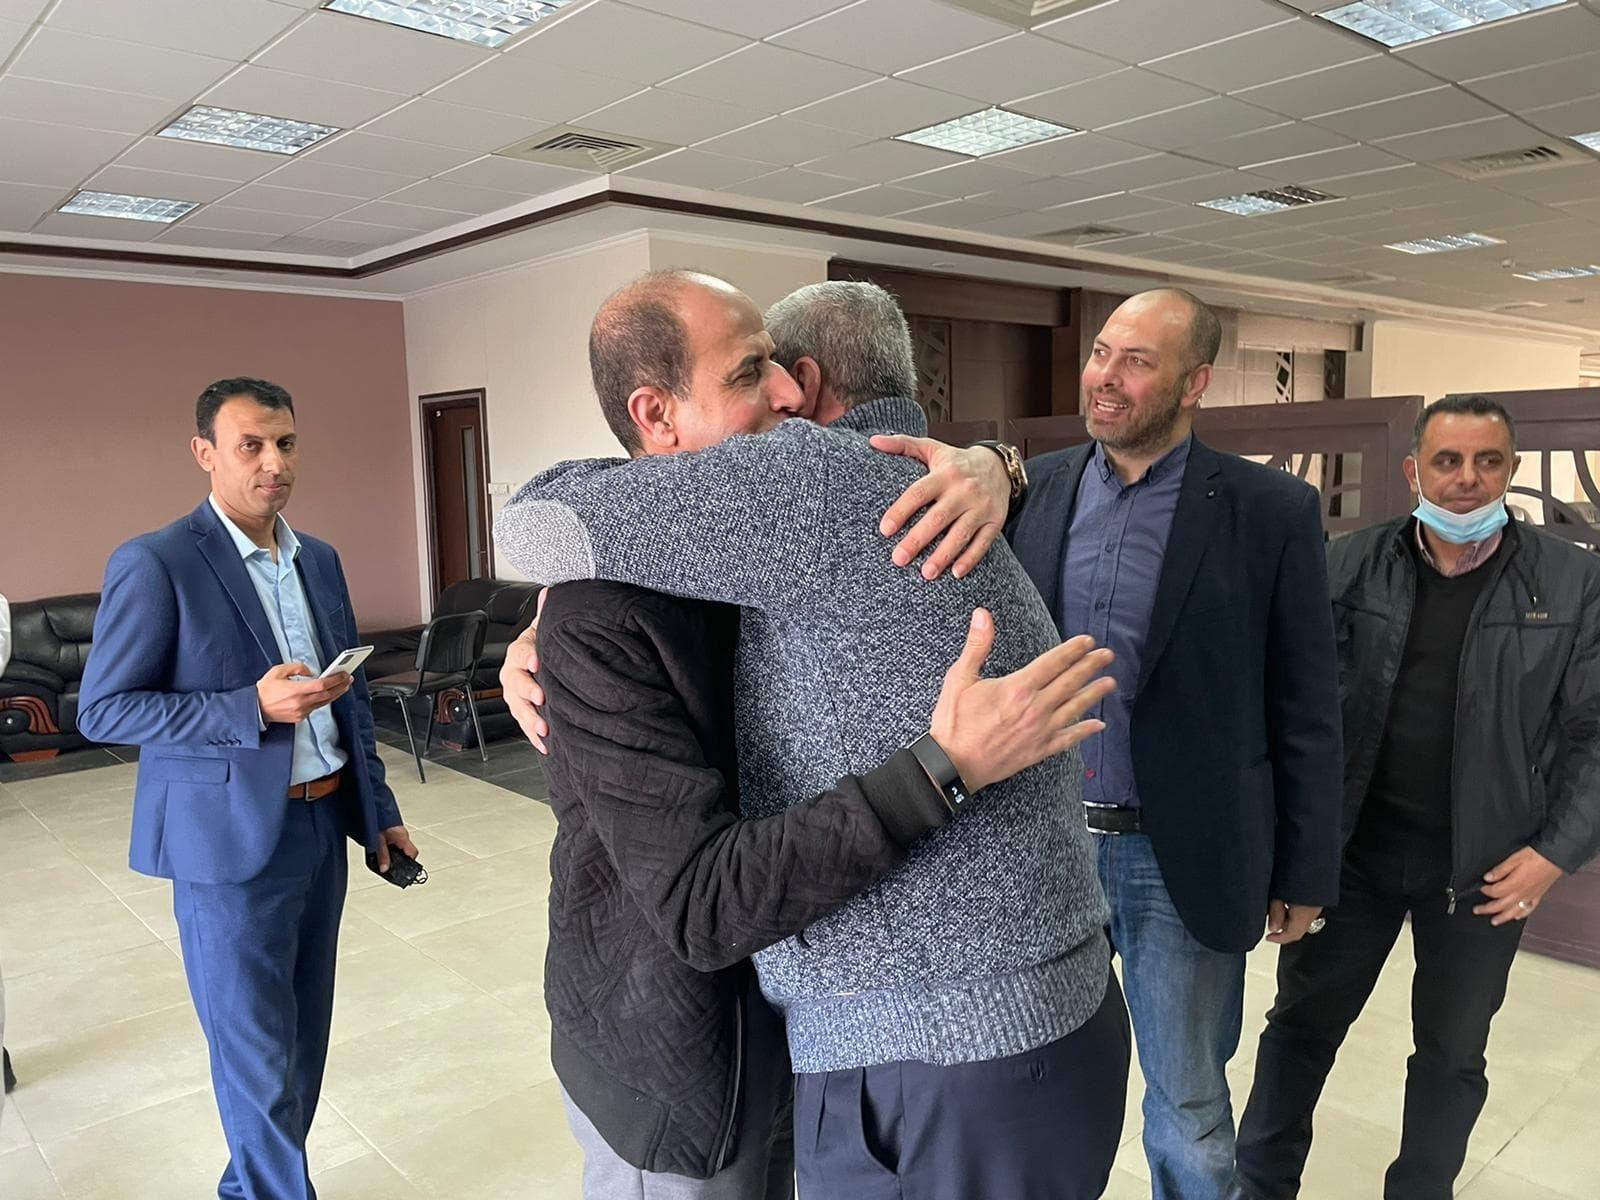 شاهد: وصول القيادي في تيار الإصلاح بحركة فتح عبد الحكيم عوض إلى غزّة